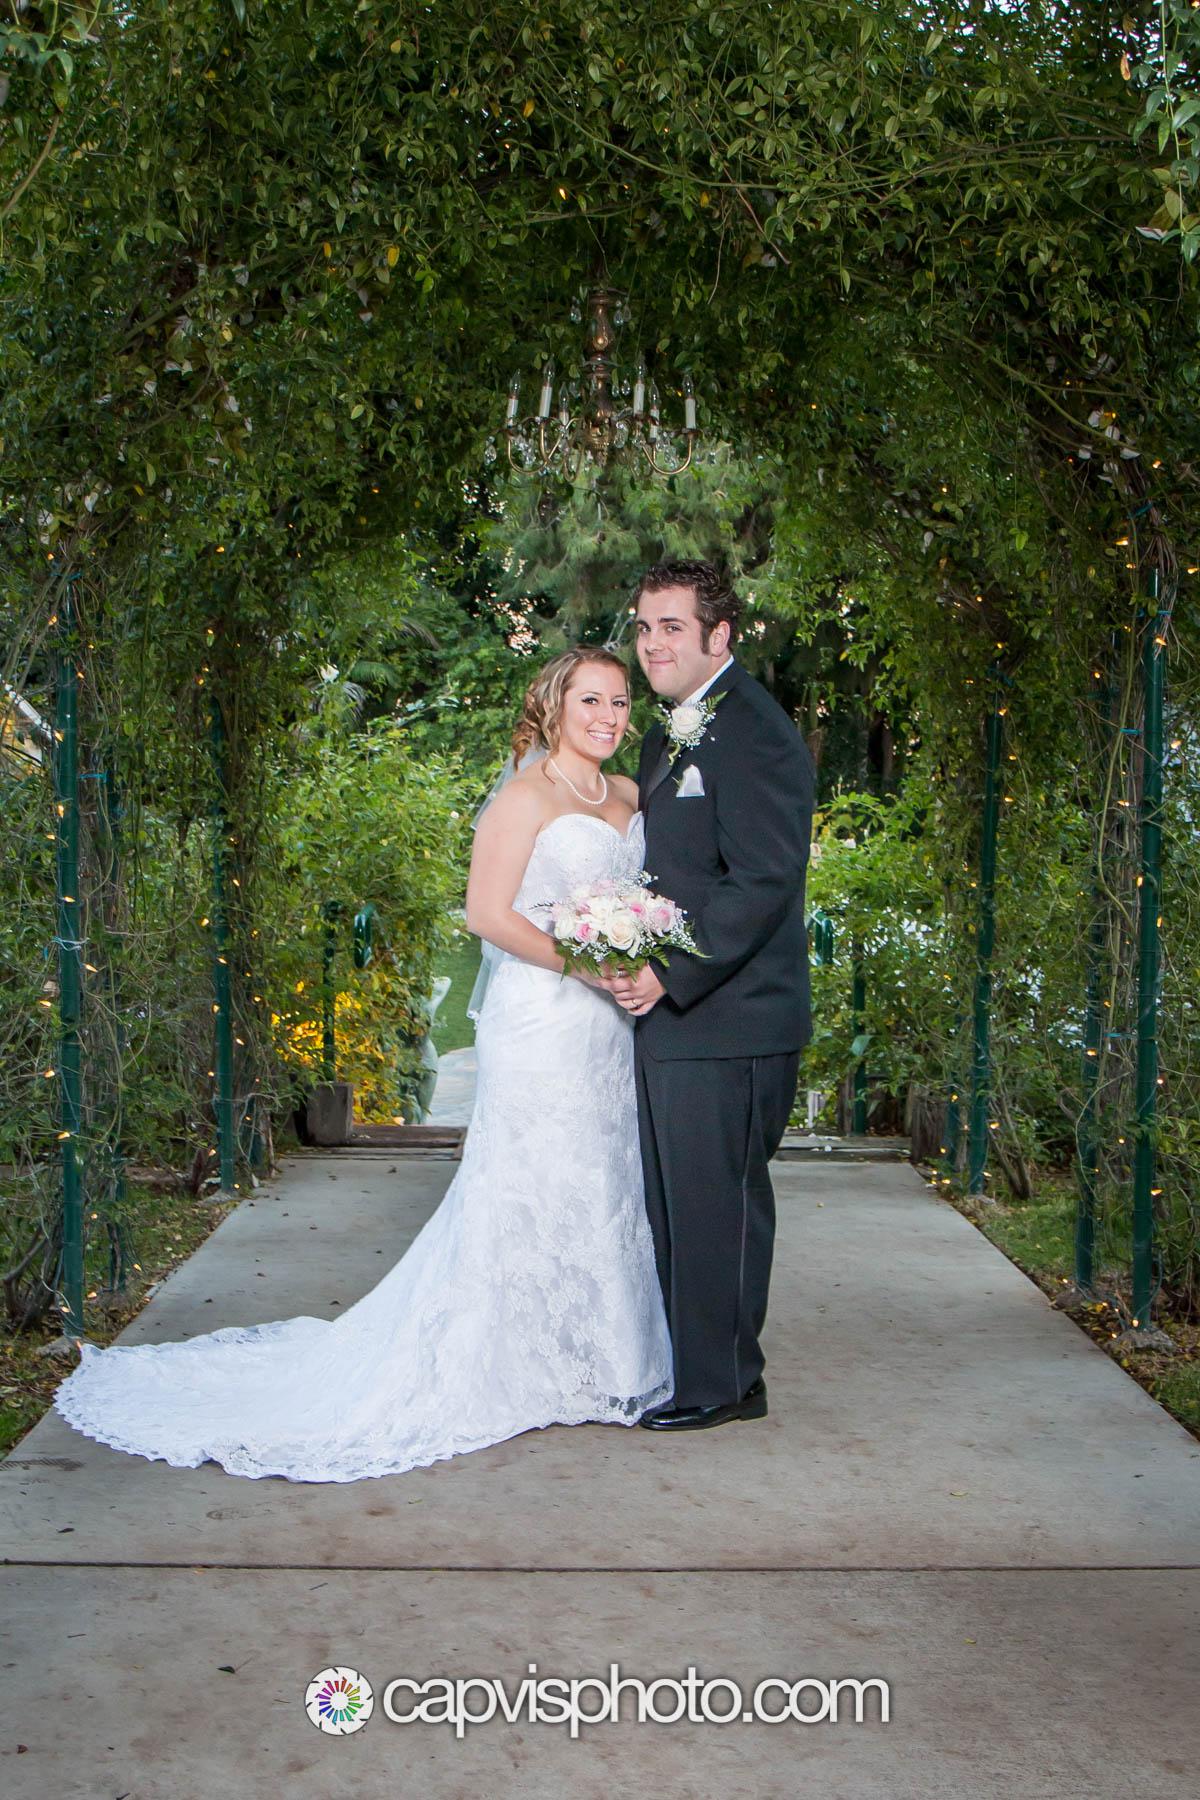 Grangruth Wedding (29 of 52).jpg